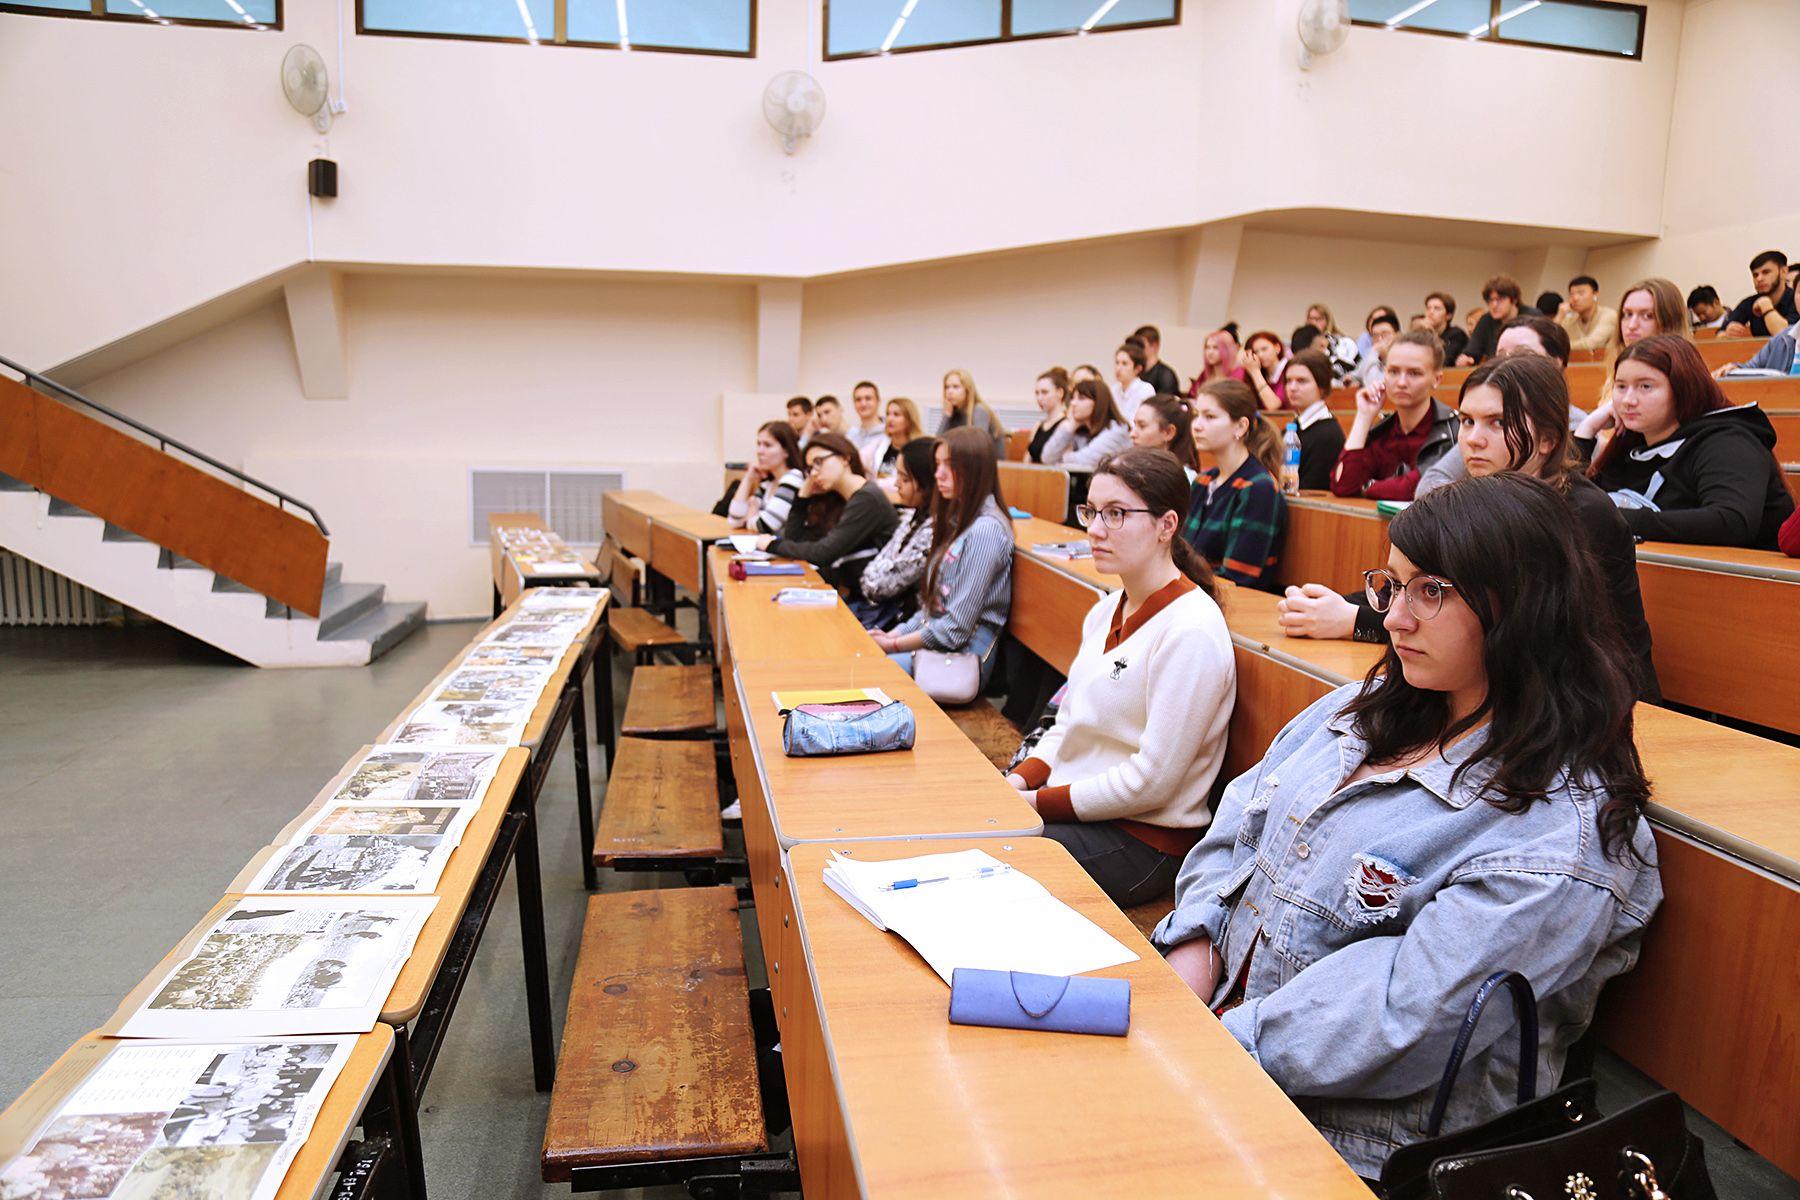 События, о которых важно помнить: во ВГУЭС проходят лекции о геноциде народов